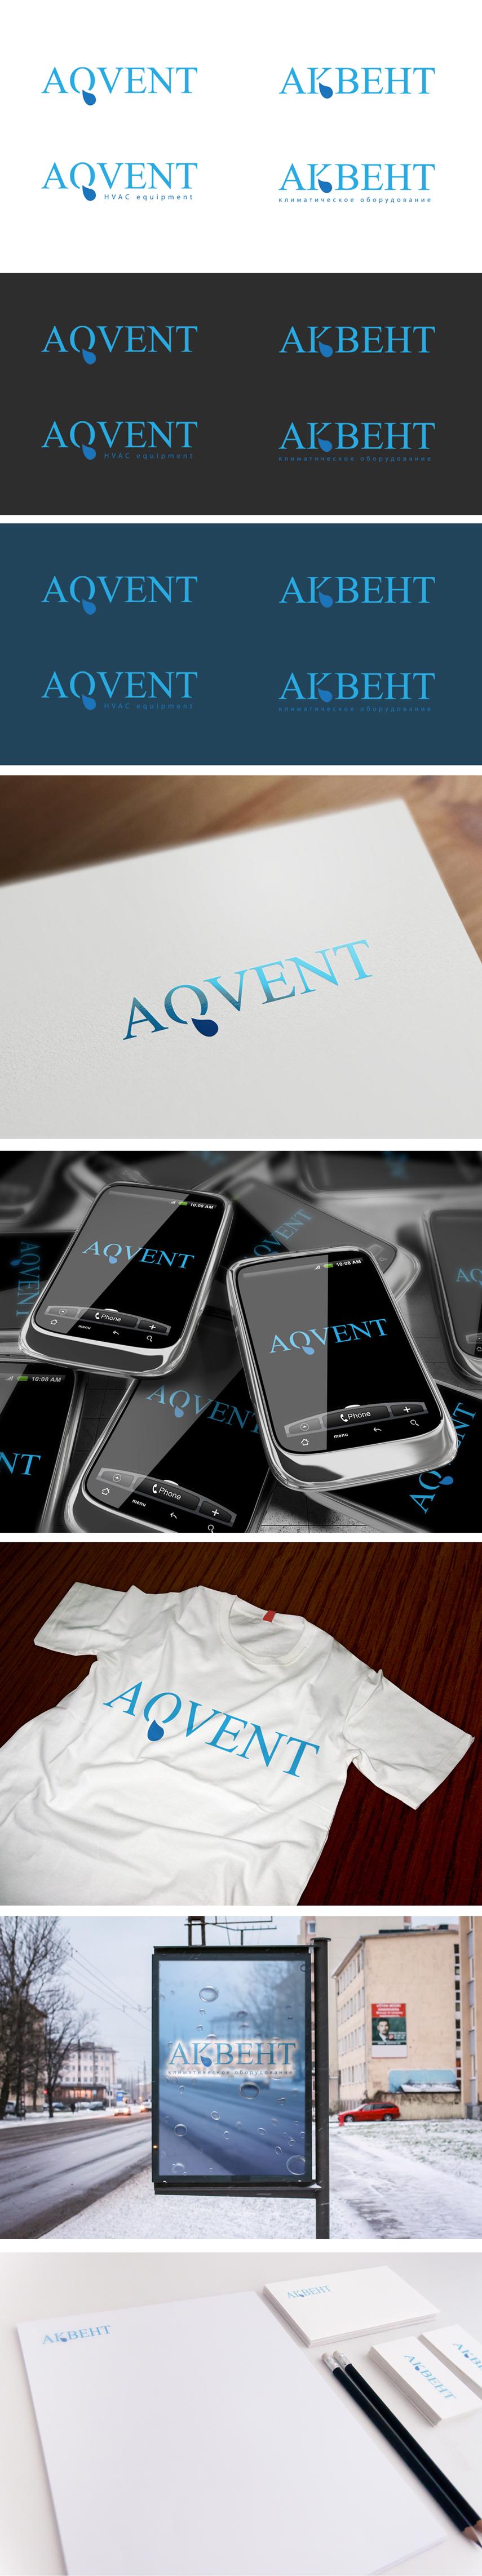 Логотип AQVENT фото f_447528c9d1da57a0.jpg